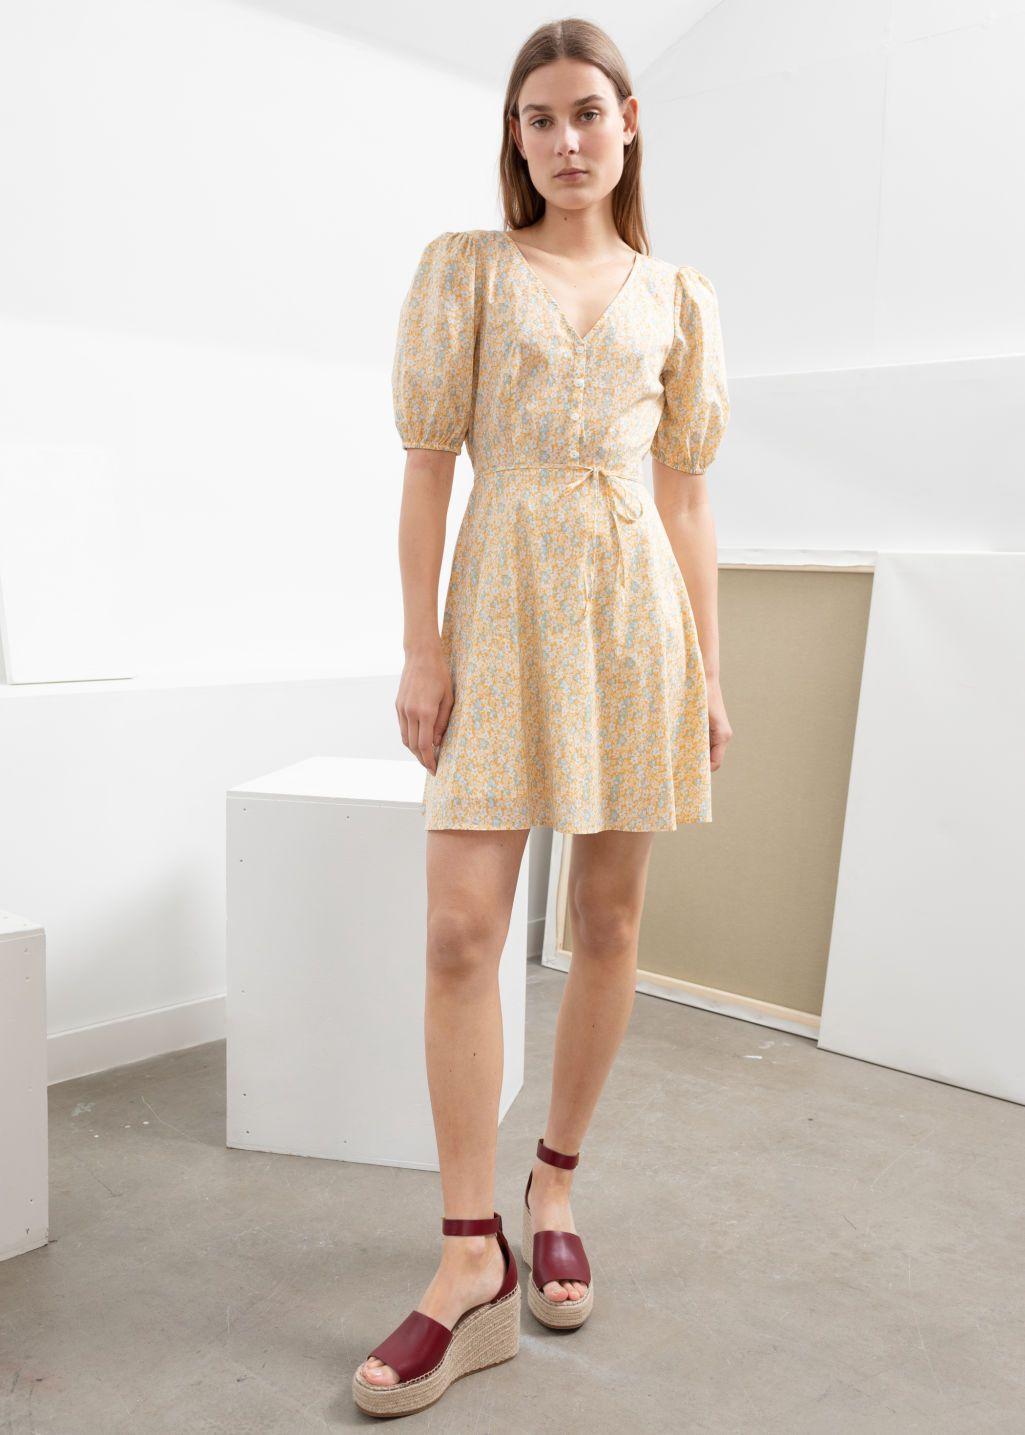 Puff Sleeve Mini Dress Yellow Floral Mini Dresses Other Stories Mini Dress Mini Dress With Sleeves Floral Mini Dress